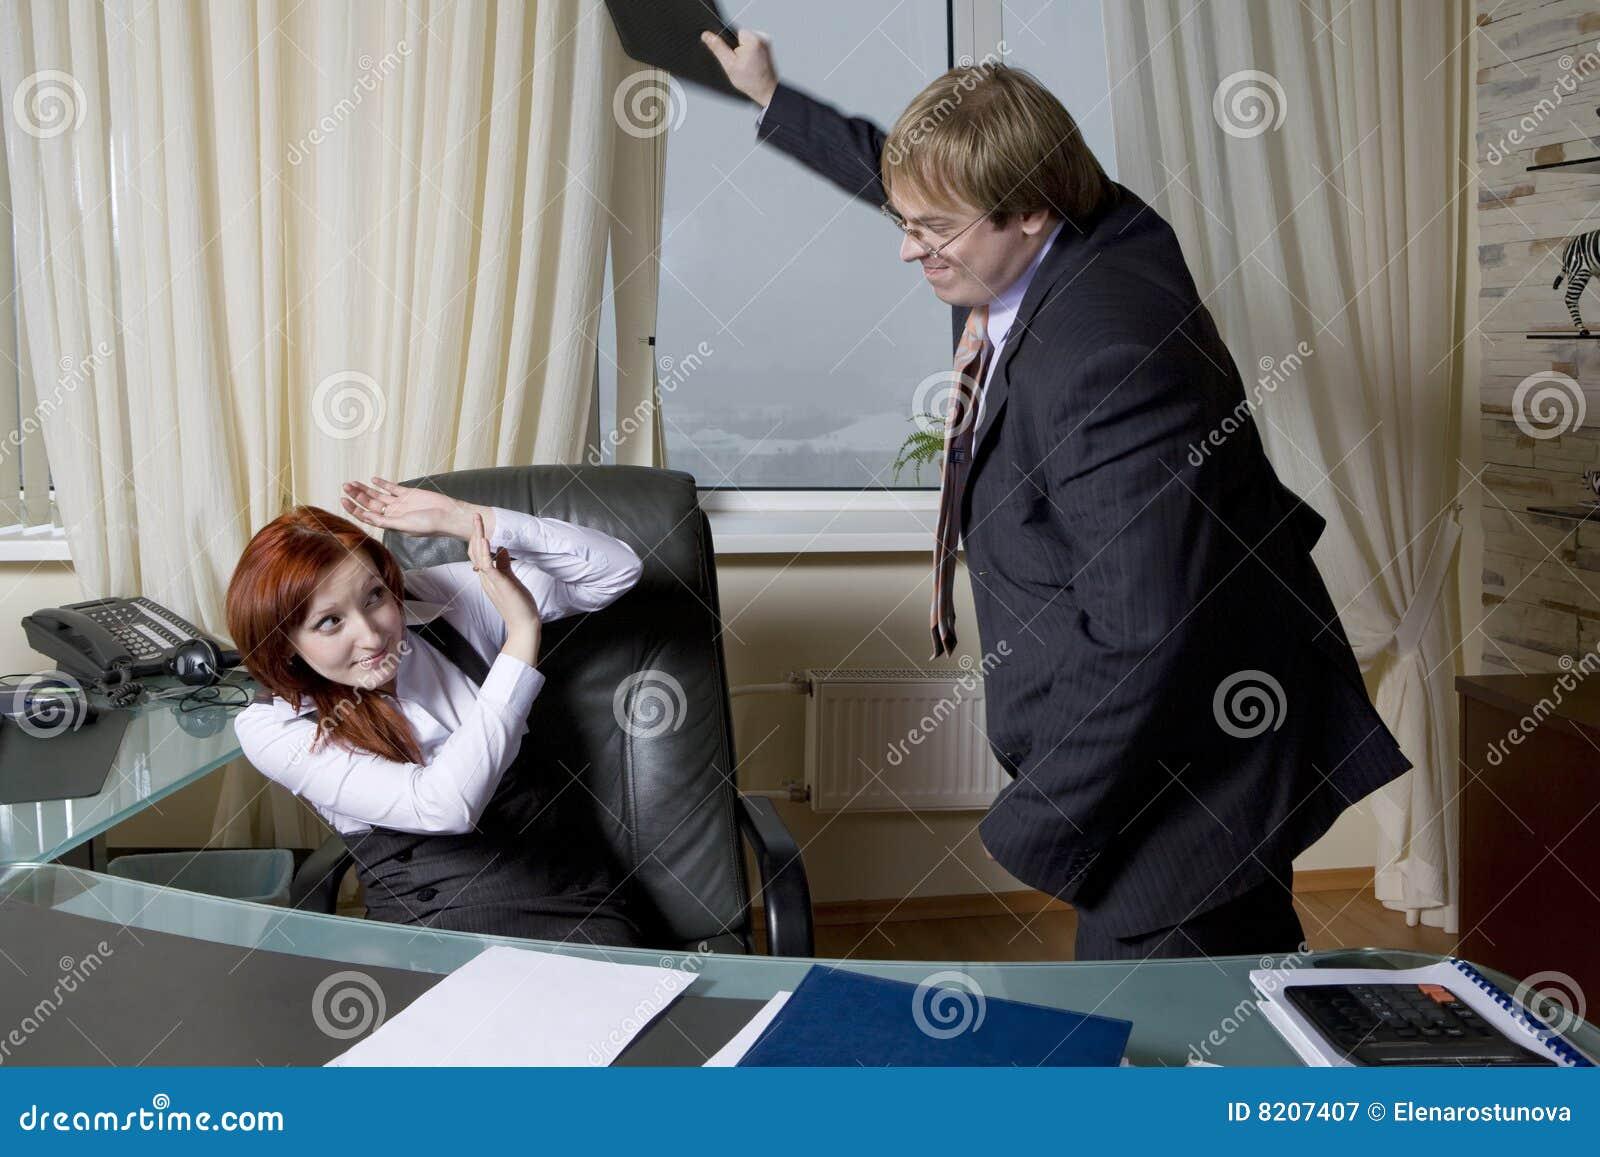 Wütende Sekretärin Schlägt Chef. Stockbild - Bild von